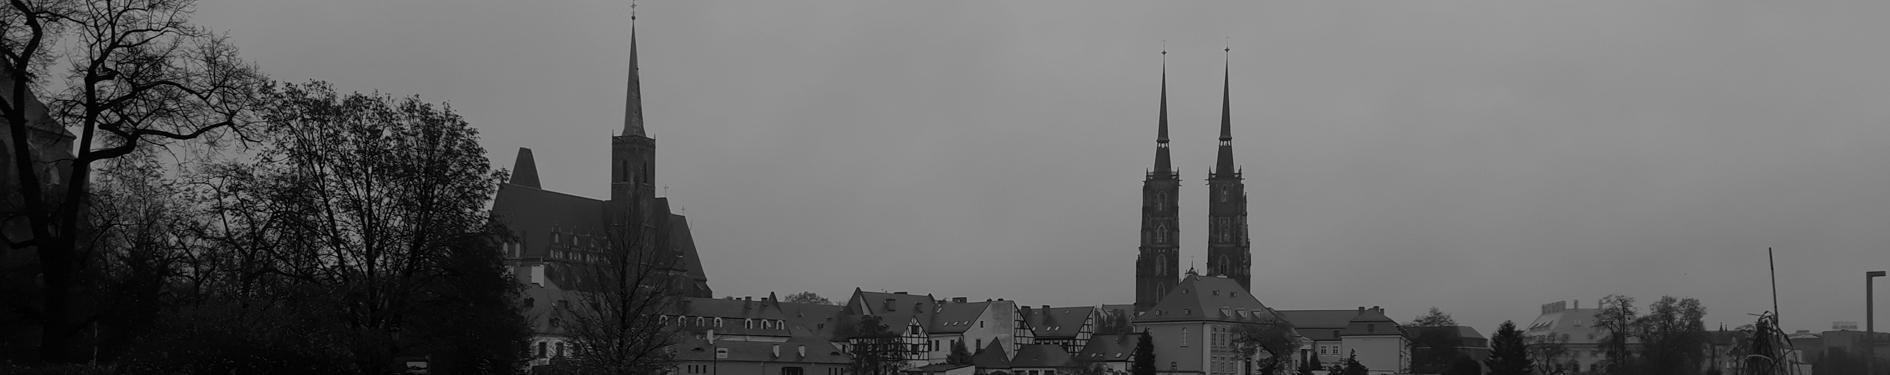 Wrocław w kolorach czarno białych